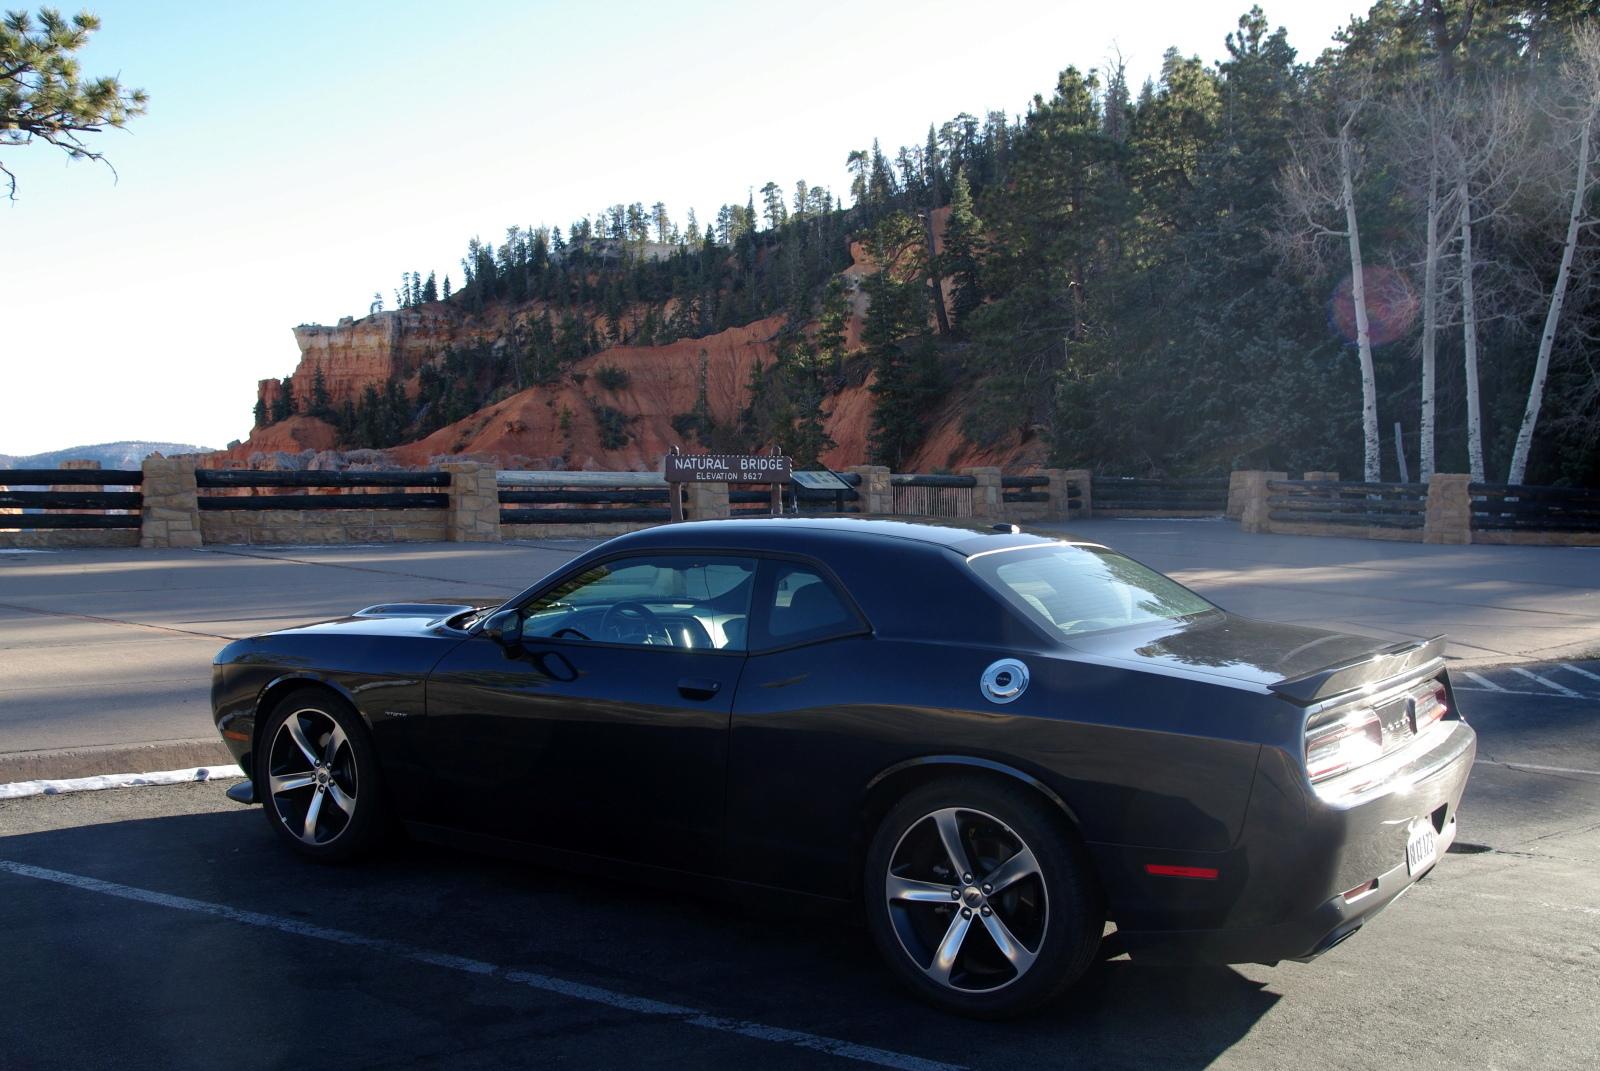 Road Trip / Ouest des USA en Challenger de location -Part II Imgpk236